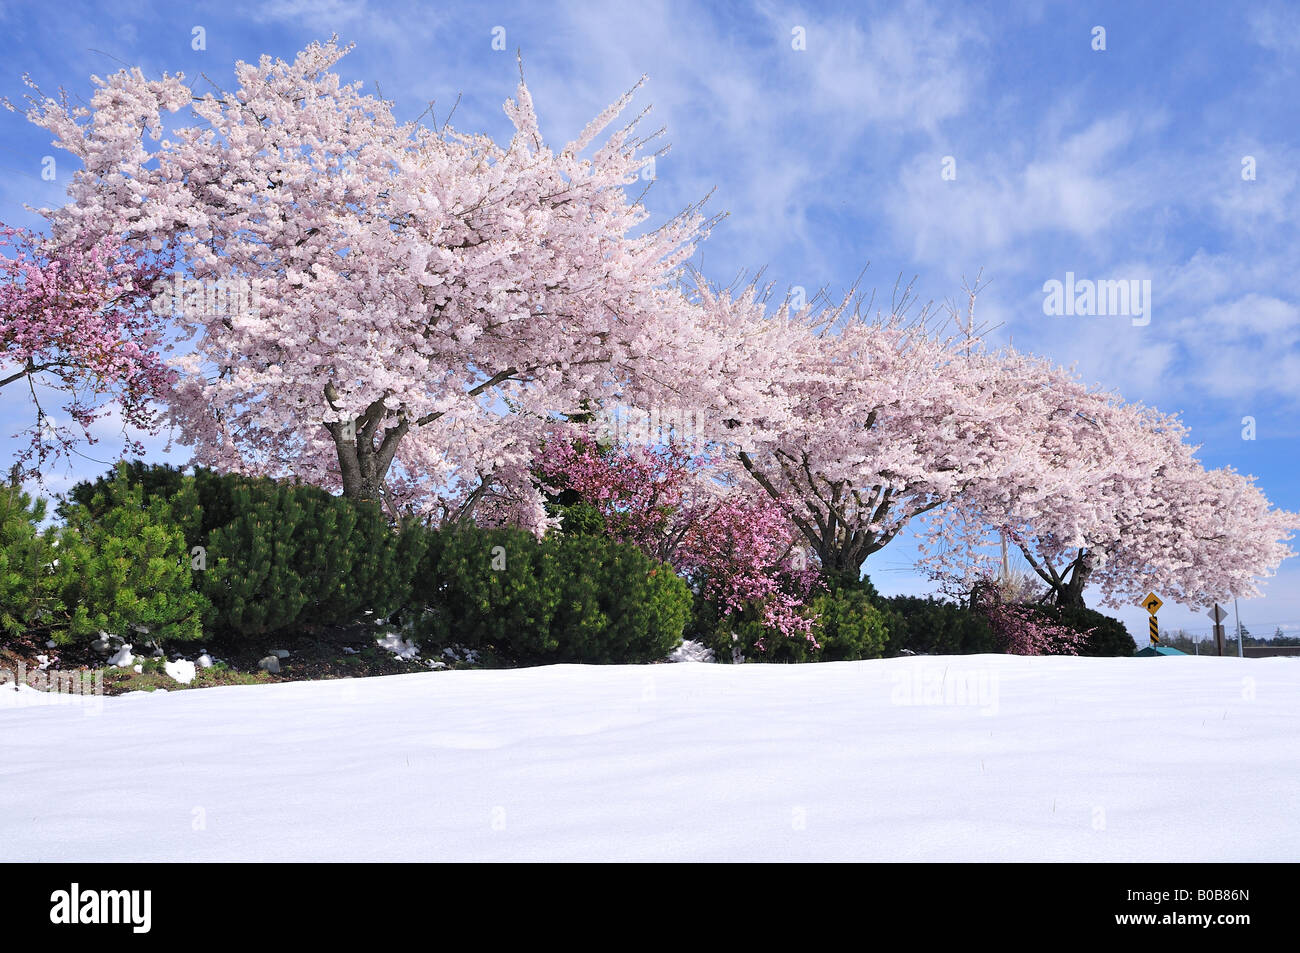 Cerezos en flor a finales de la primavera de nieve el 20 de abril el aeropuerto de Nanaimo, British Columbia, Canadá Foto de stock